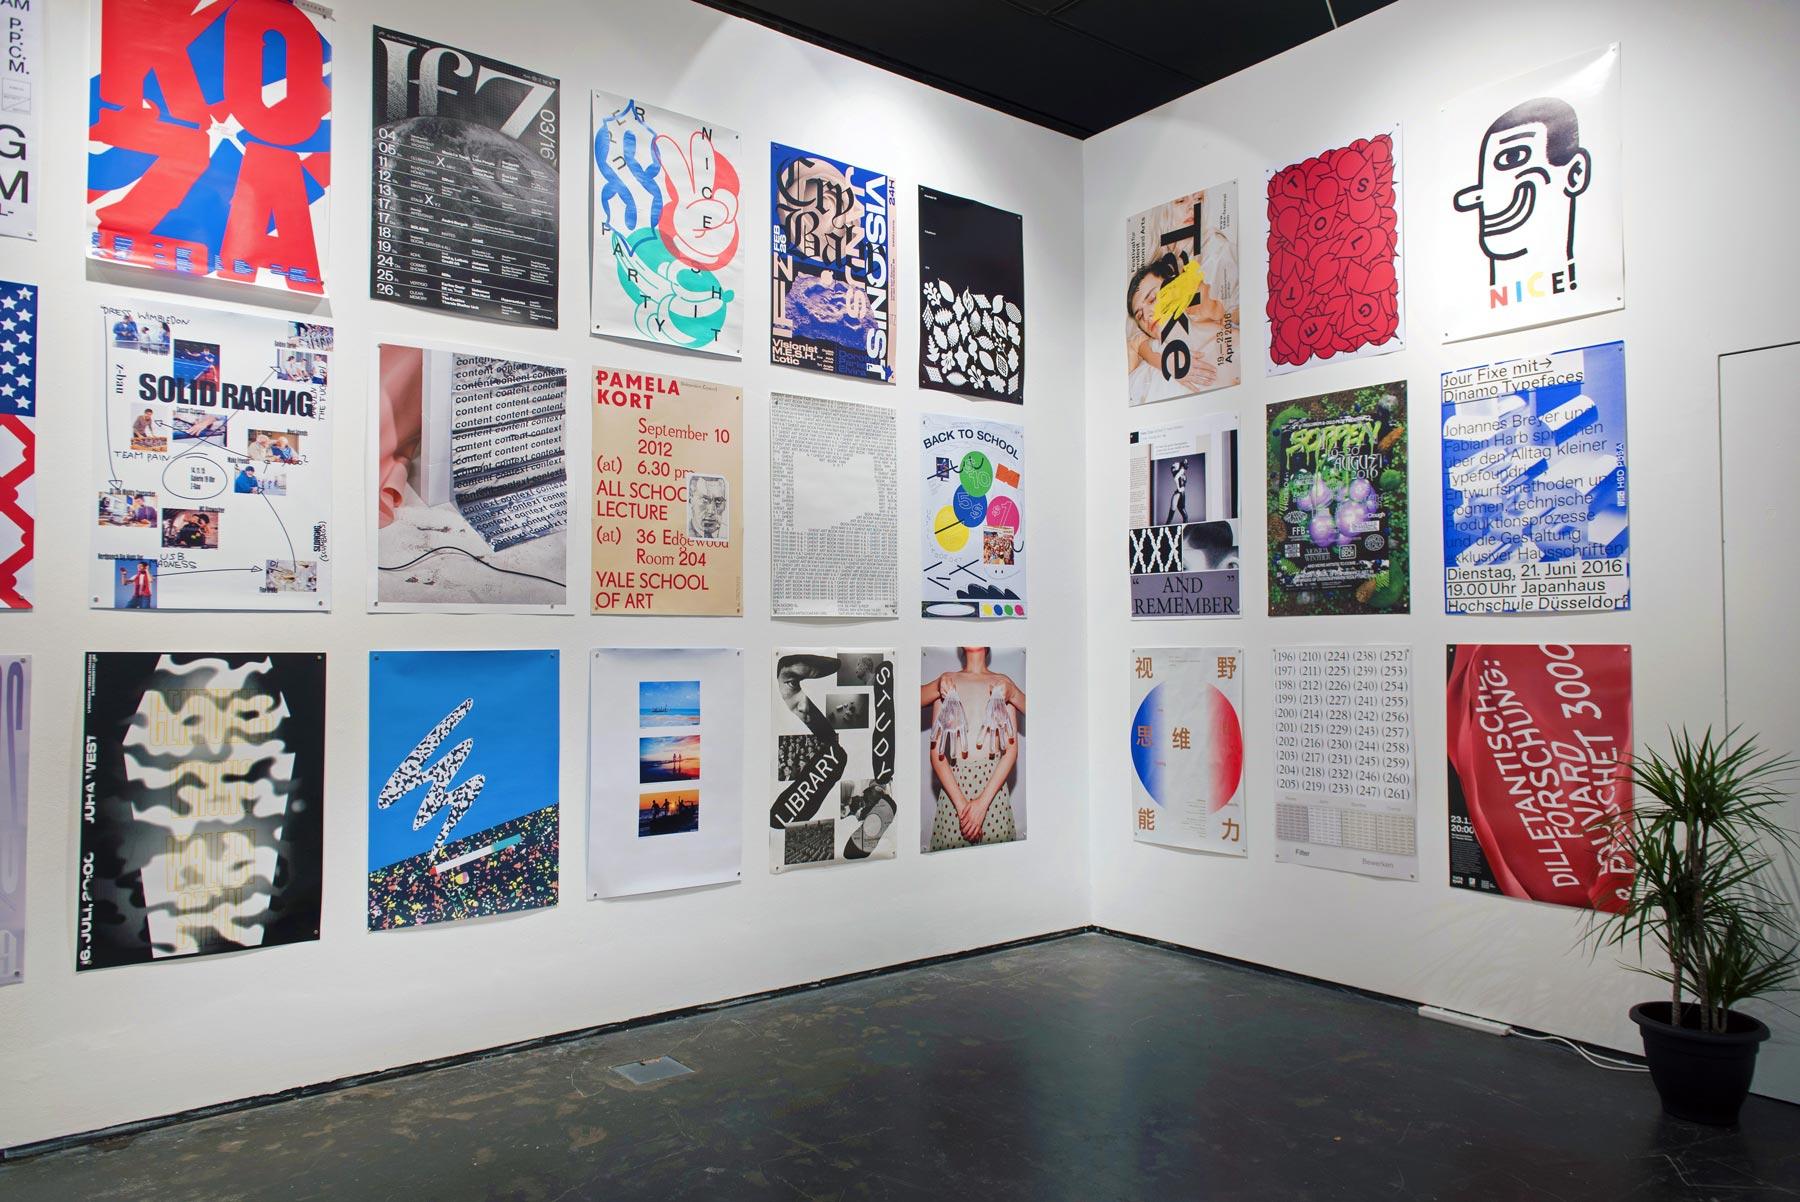 Saved from graphicdesignfestivalscotland.com